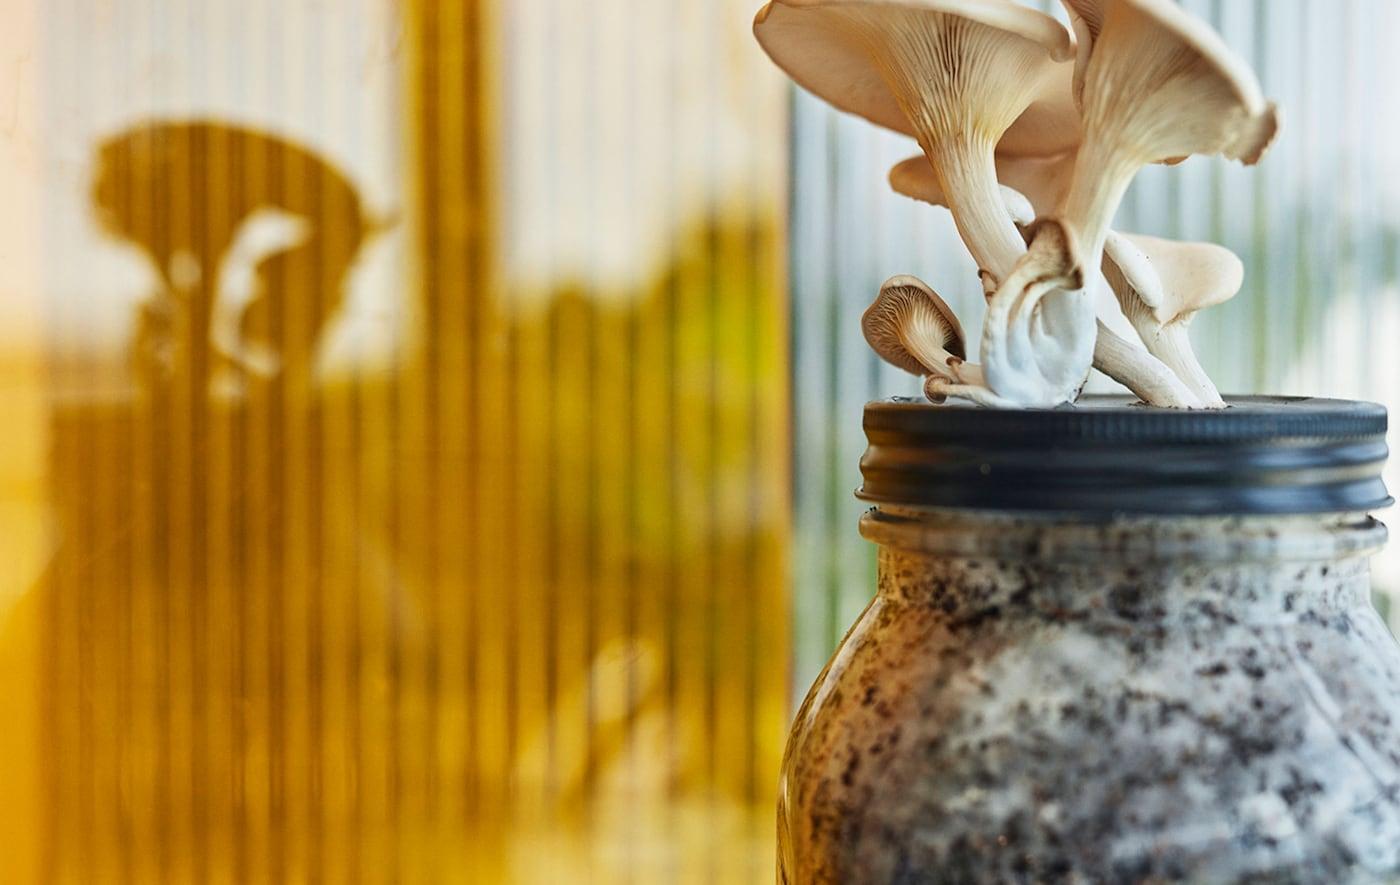 Pilzzucht mit Kaffeesatz: Pilze wachsen aus einem Glas mit Myzelien und Kaffeesatz